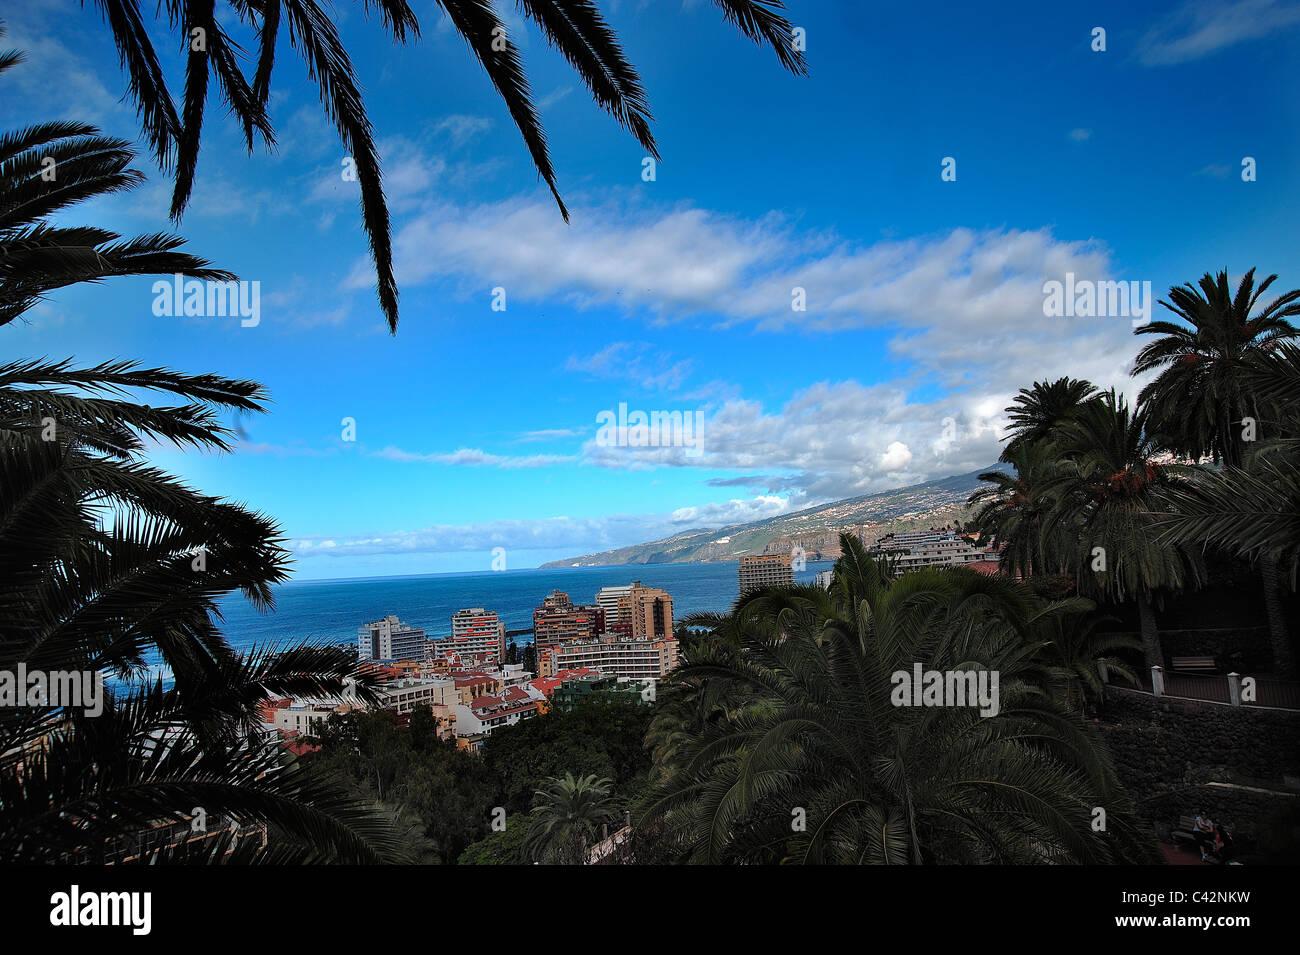 Puerto de la Cruz, Tenerife, Islas Canarias Imagen De Stock